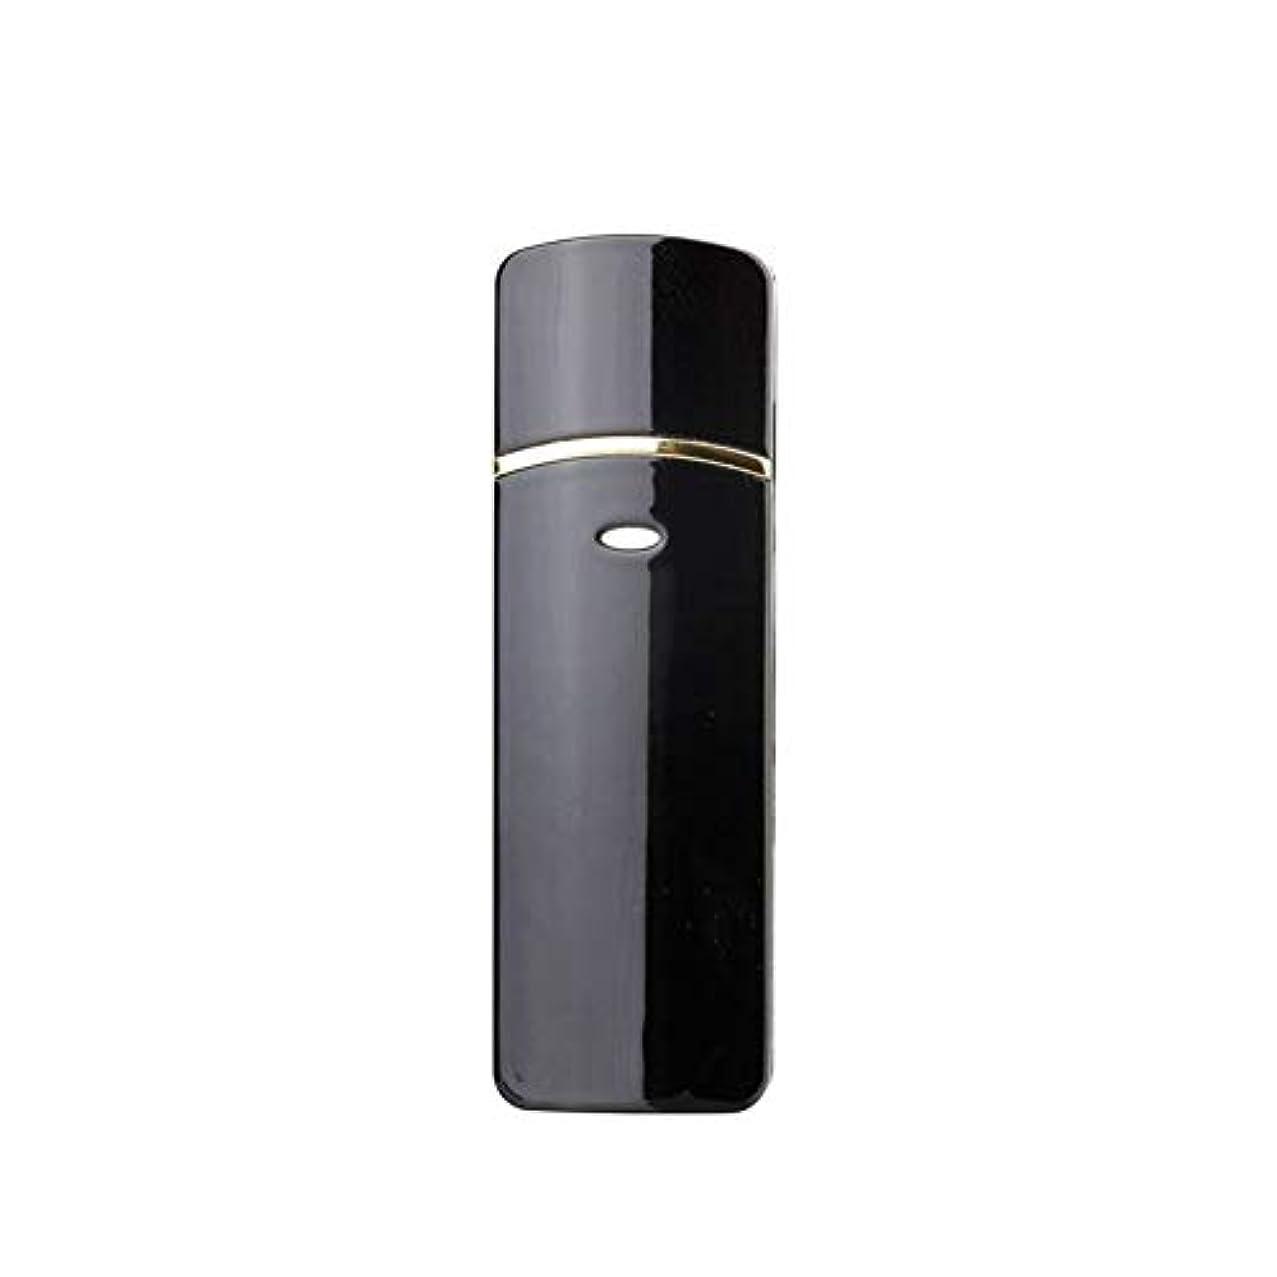 ただコークス備品顔のスプレーヤー加湿器美容保湿ミニ顔ミスト霧化まつげエクステンションUSB充電式コールドスプレー (Color : Black)